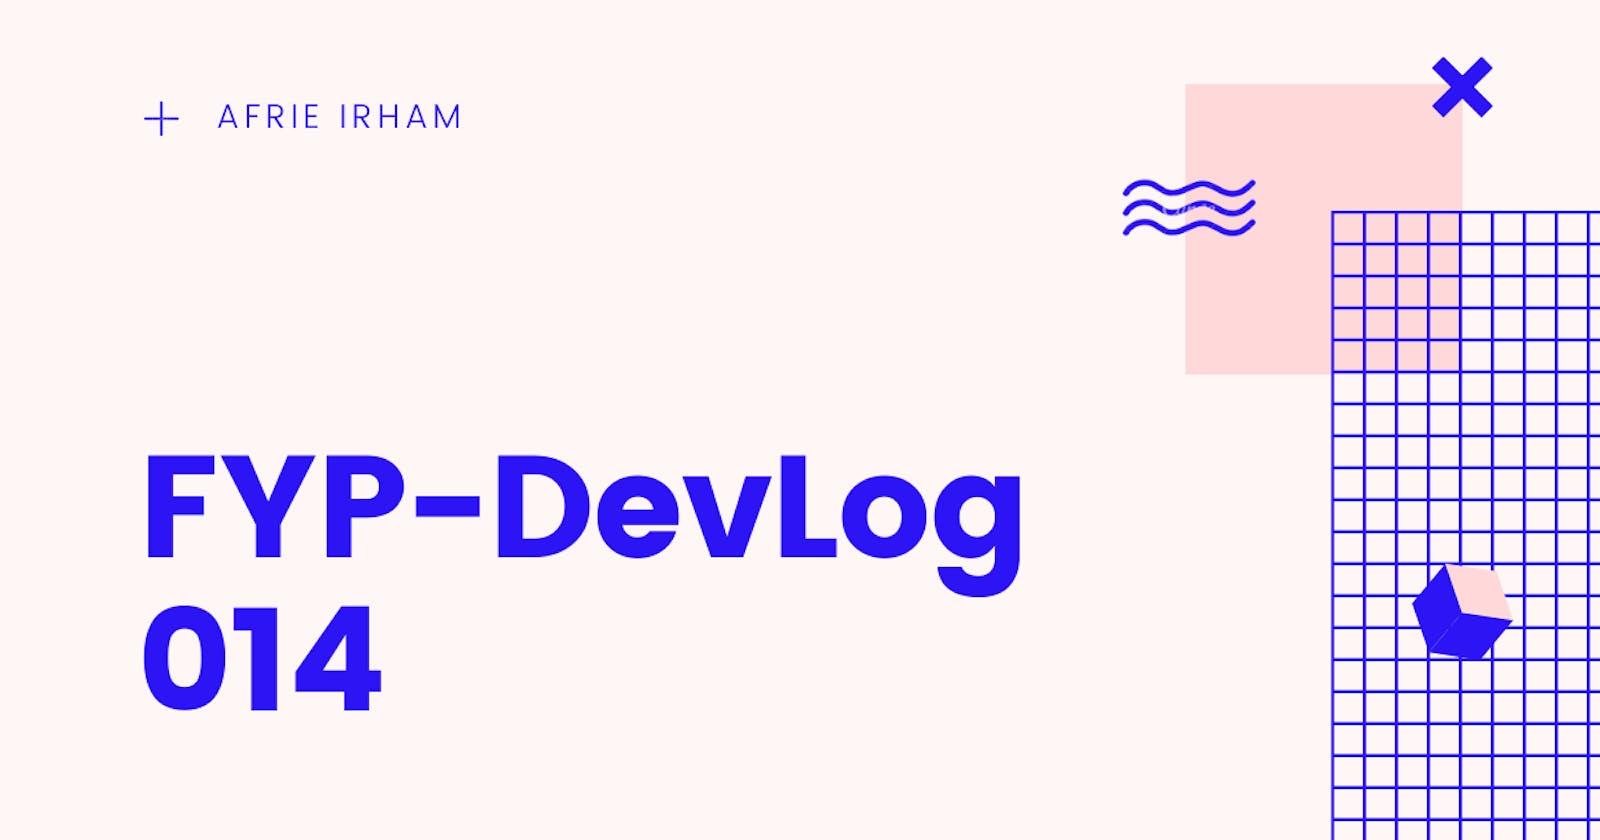 FYP-DevLog 014